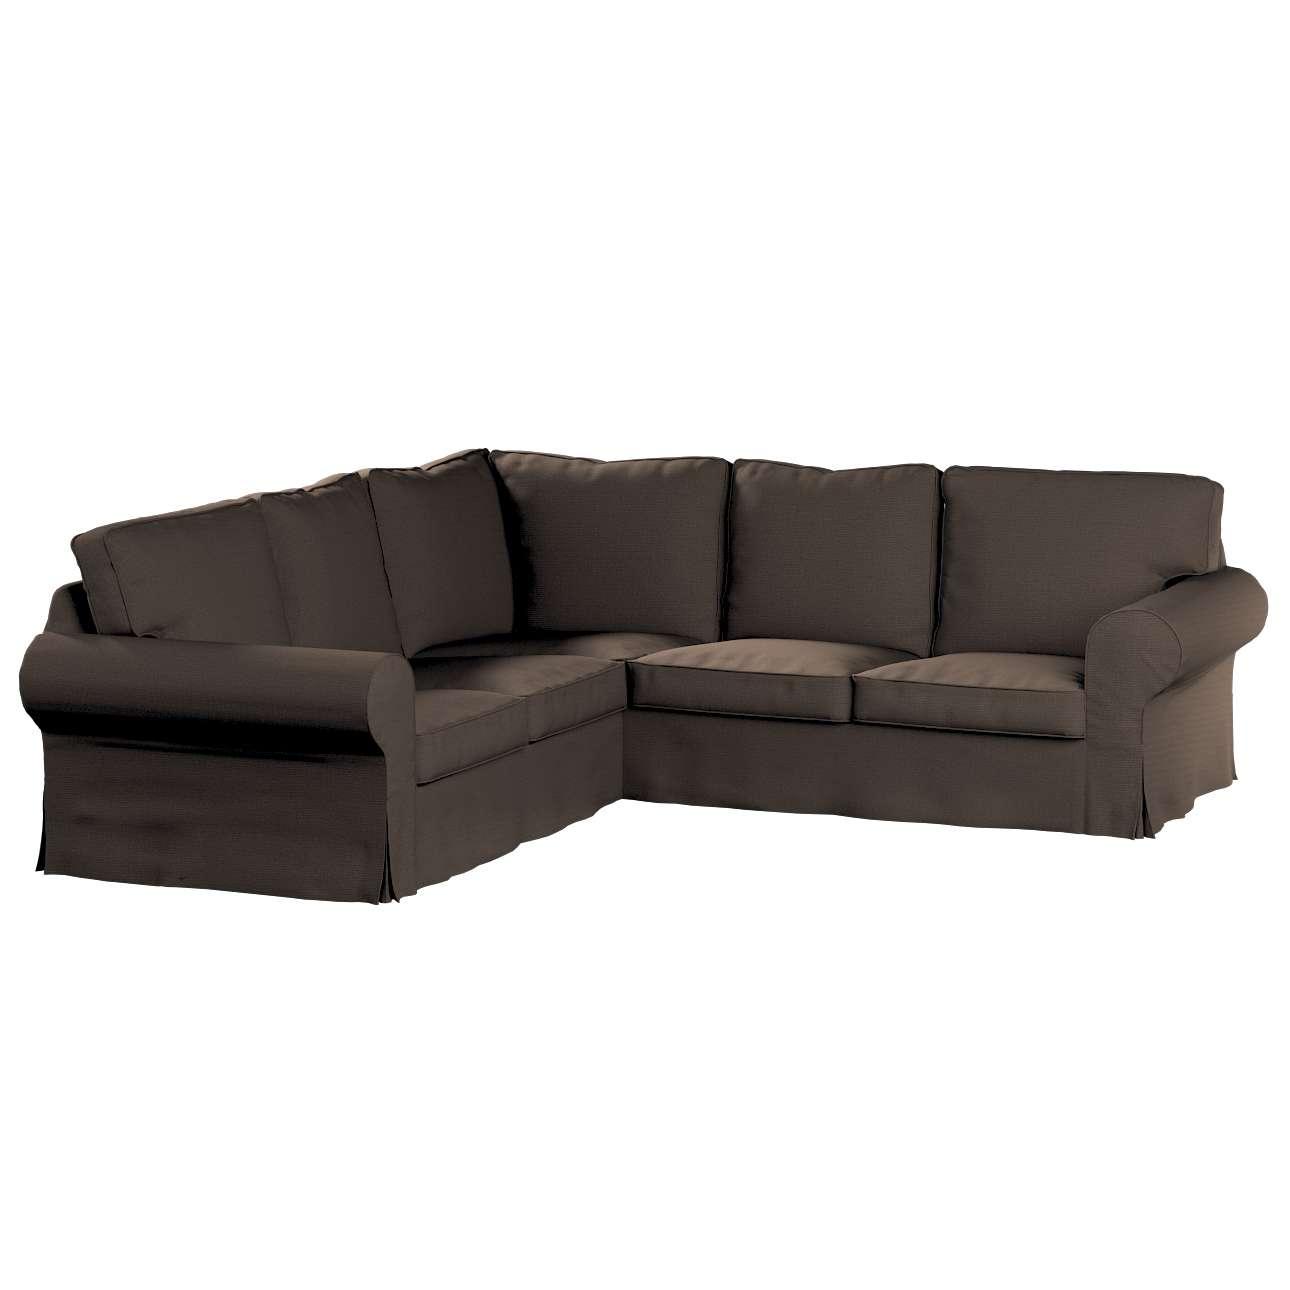 Ektorp kampinė sofa Ektorp kampinė sofa kolekcijoje Etna , audinys: 705-08